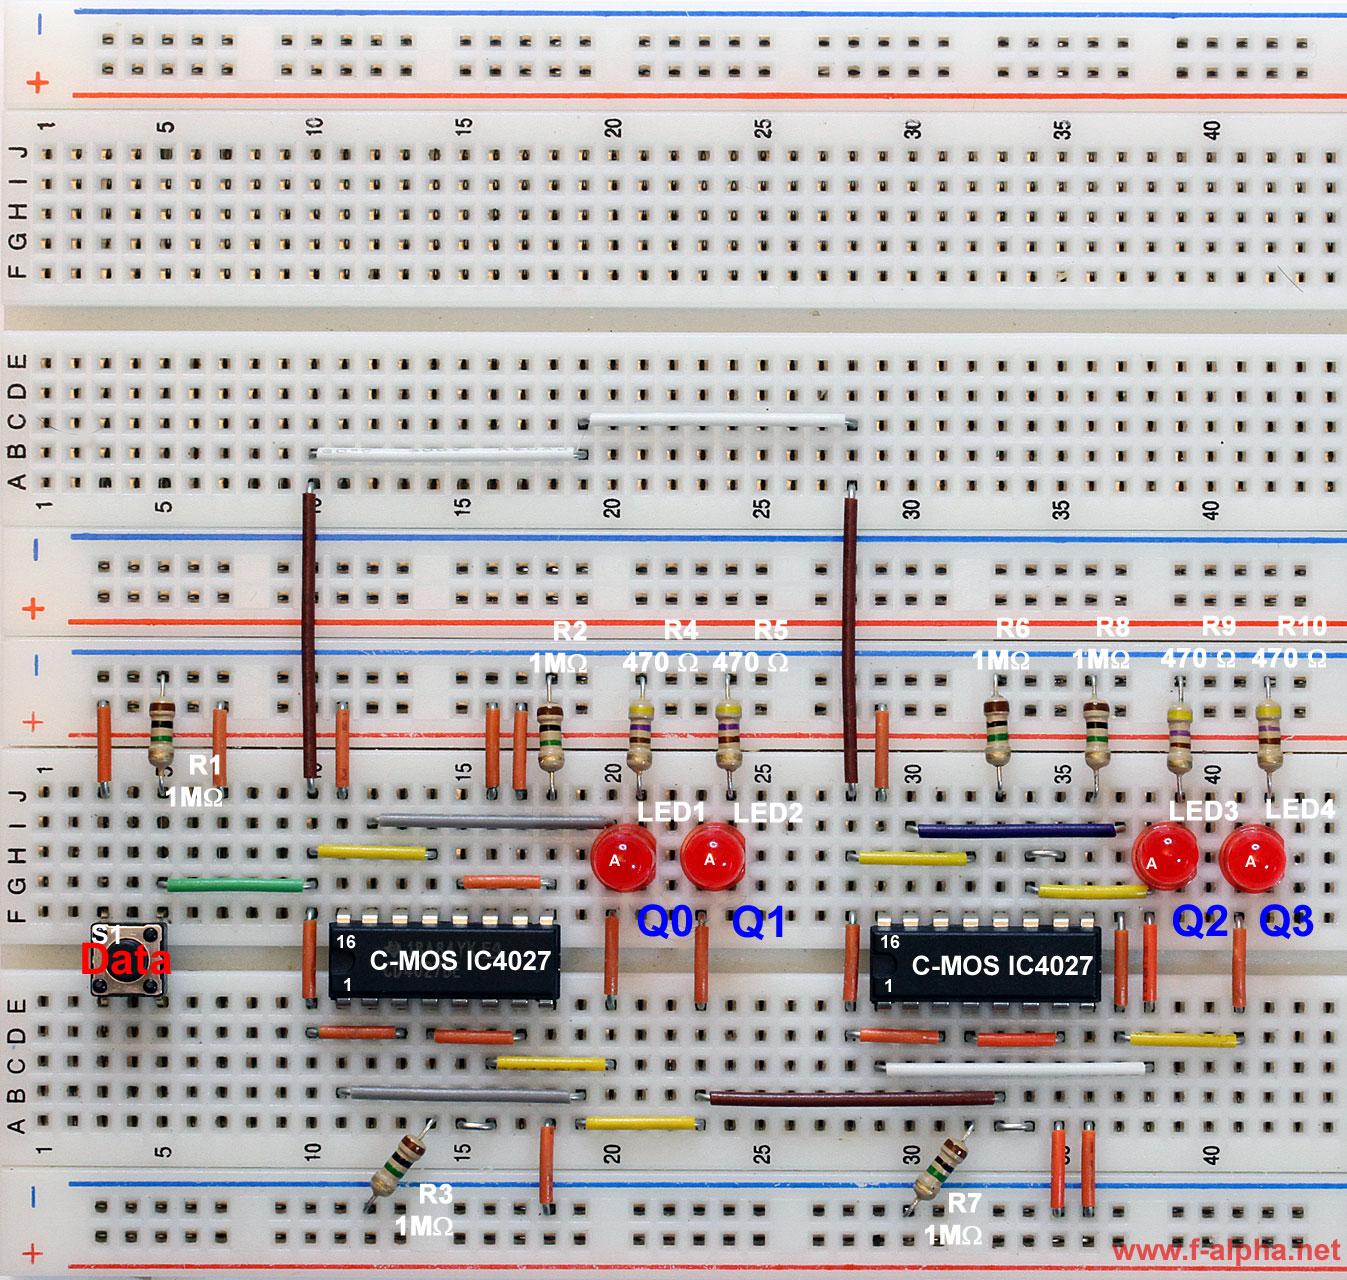 F Alphanet Experiment 10 False Synch 4 Bit Counter T Flip Flop Circuit Diagram